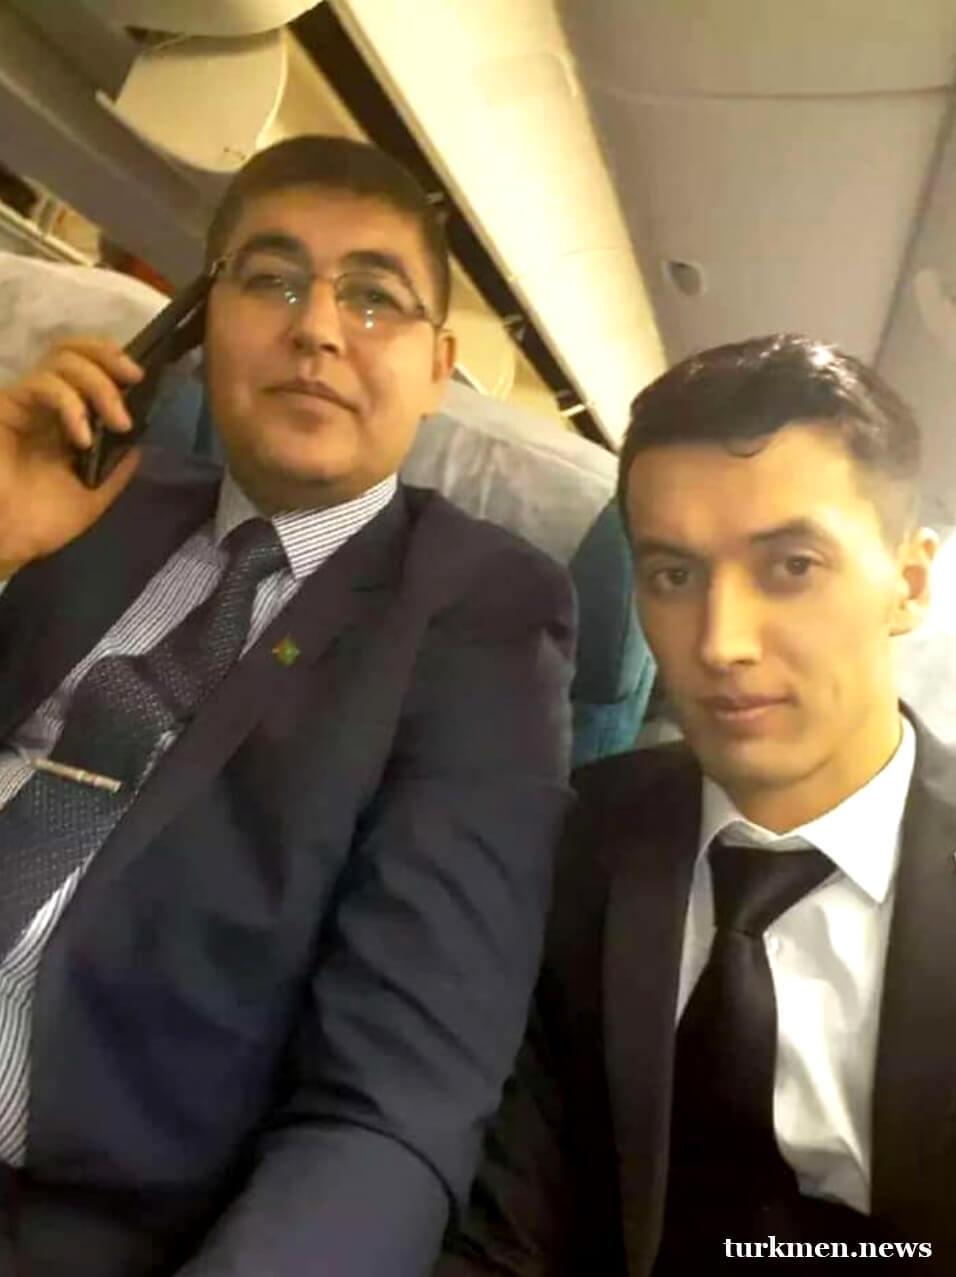 В Турции ликвидировали Ассоциацию солидарности и помощи студентам из Туркменистана. Ее лидером был Омрузак Умаркулиев